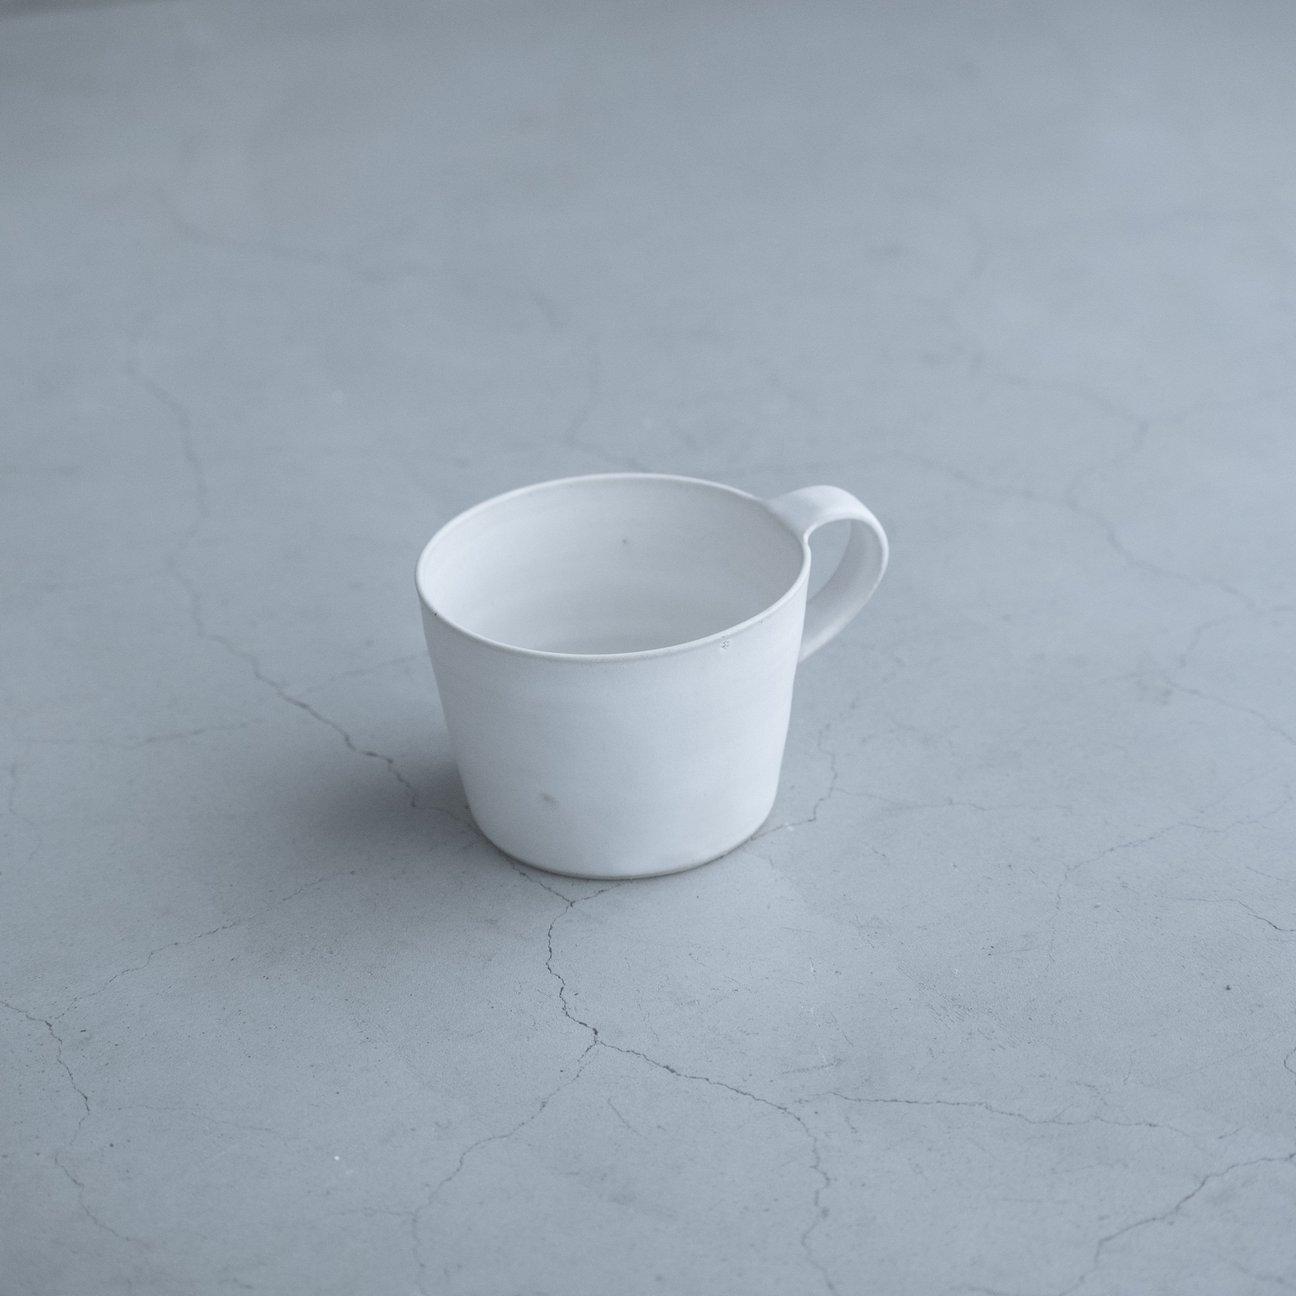 カップ(白)